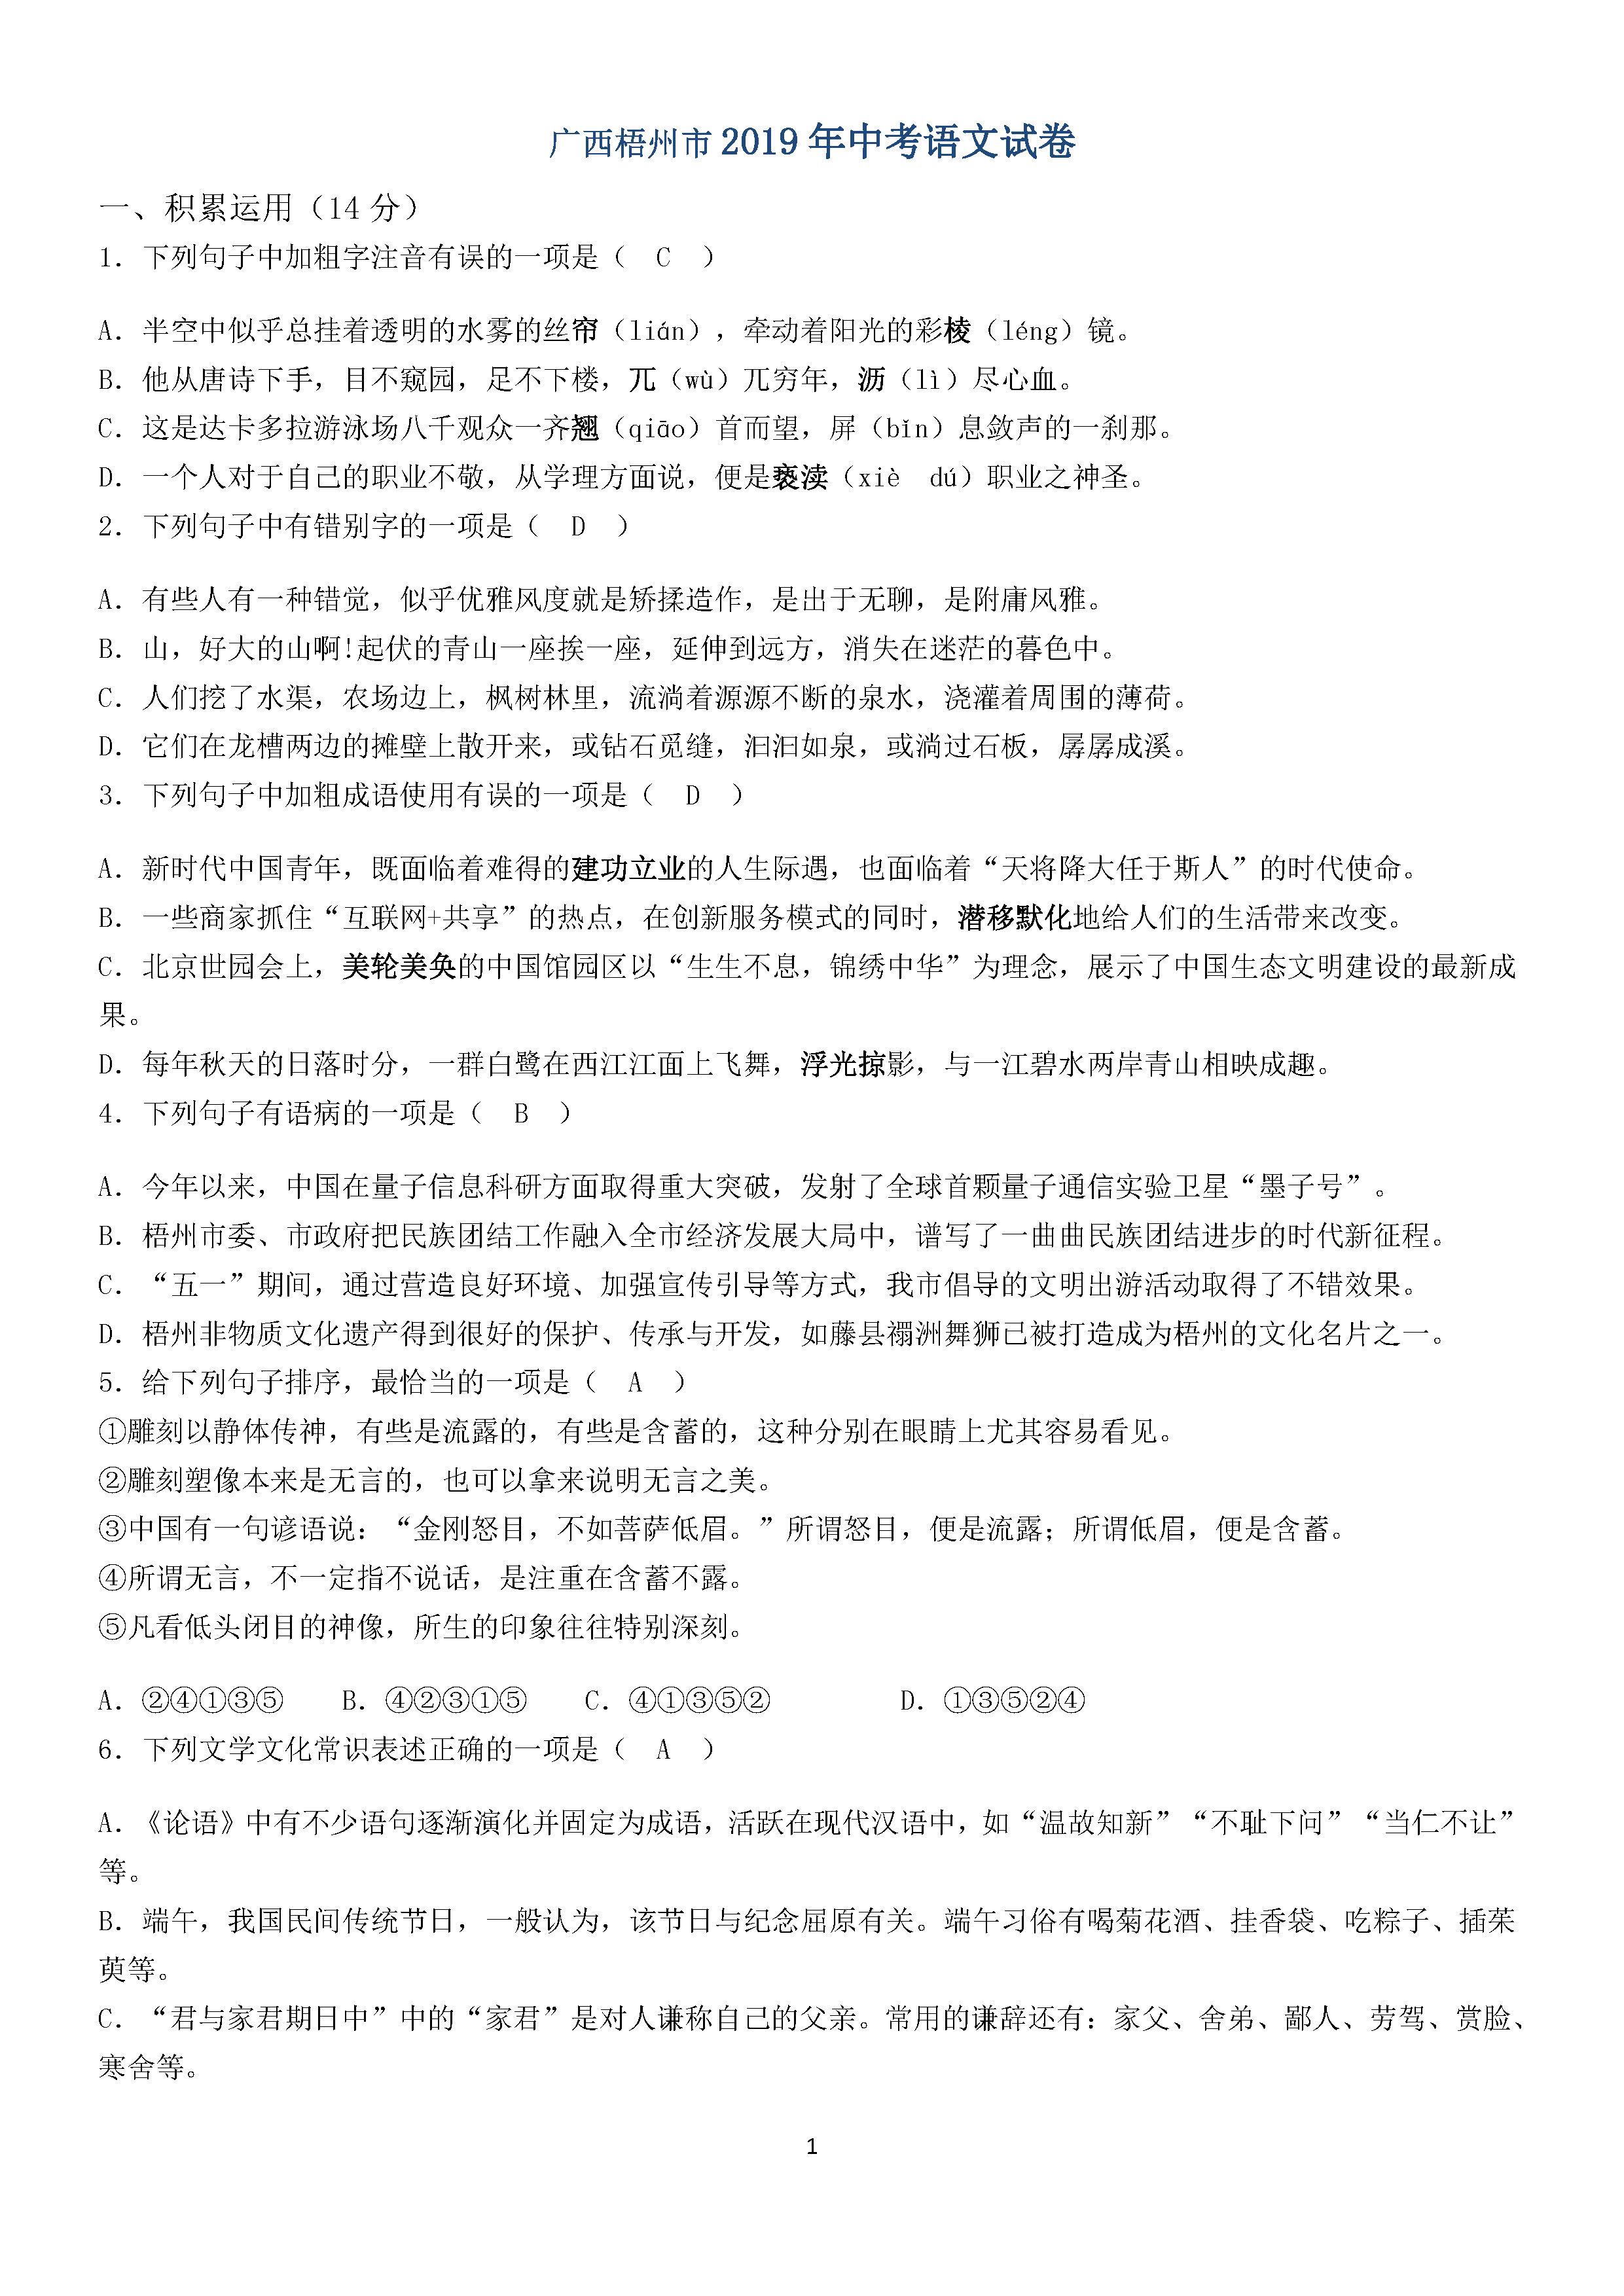 2019广西梧州中考语文试题(图片版)